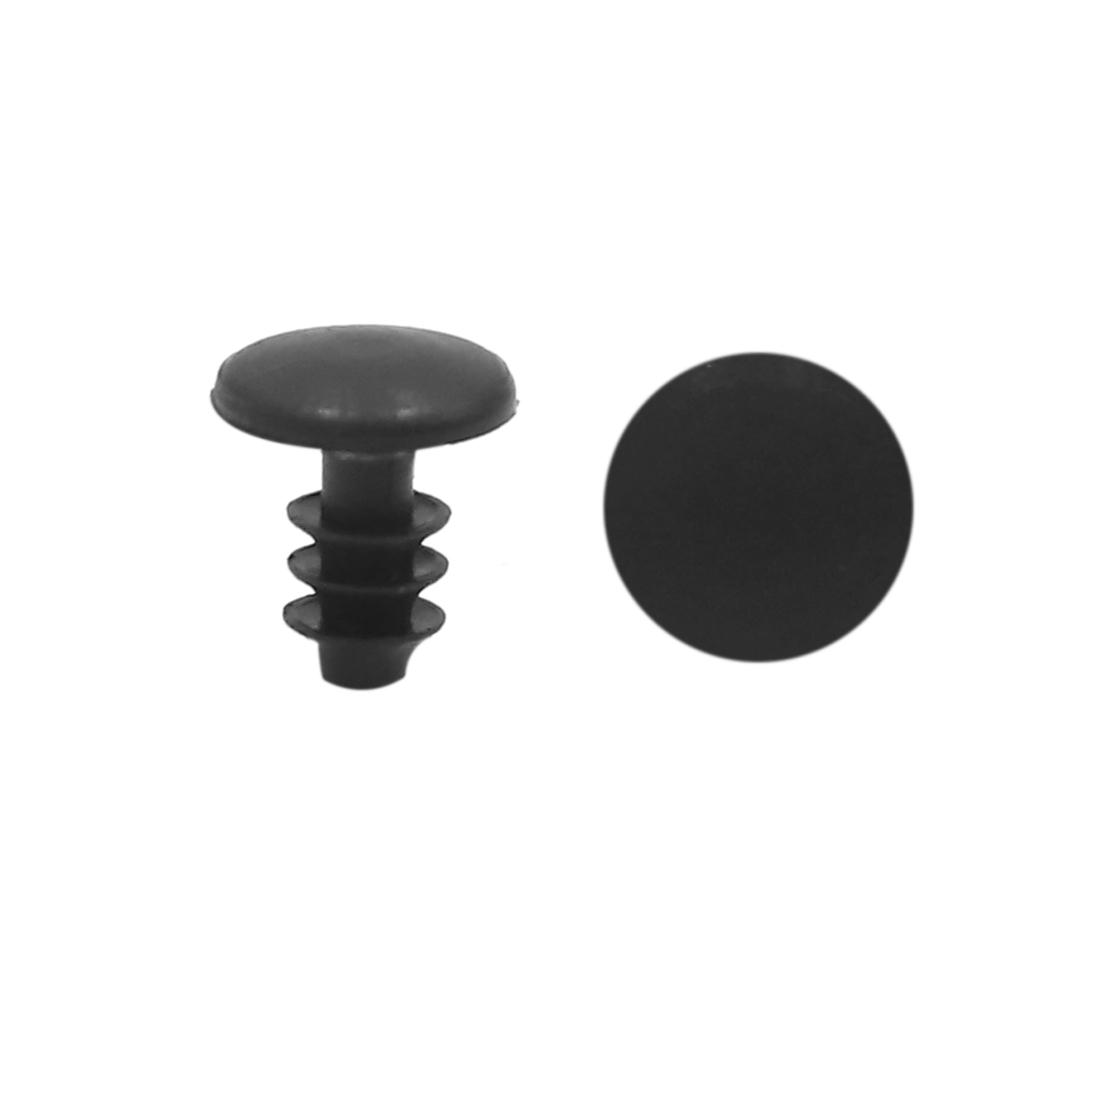 50pcs Black 5mm Hole Diameter Car Door Bumper Fender Plastic Rivets Fasteners